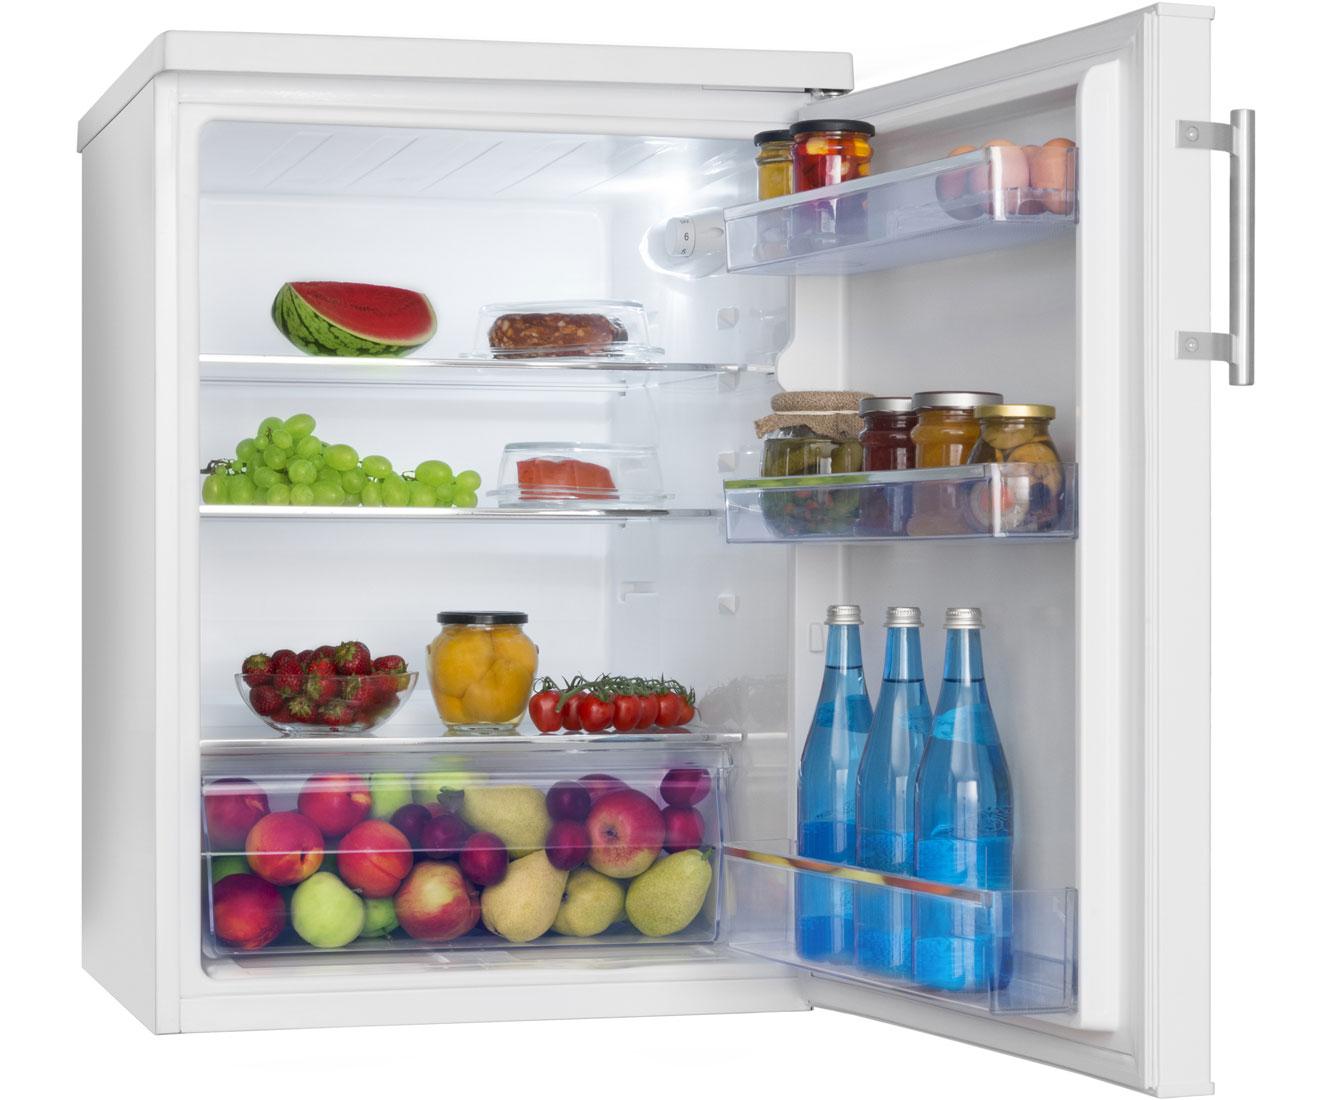 Amica Kühlschrank Vks 15780 E : Smeg fab rp autonome l e creme kühlschrank u kühlschränke l